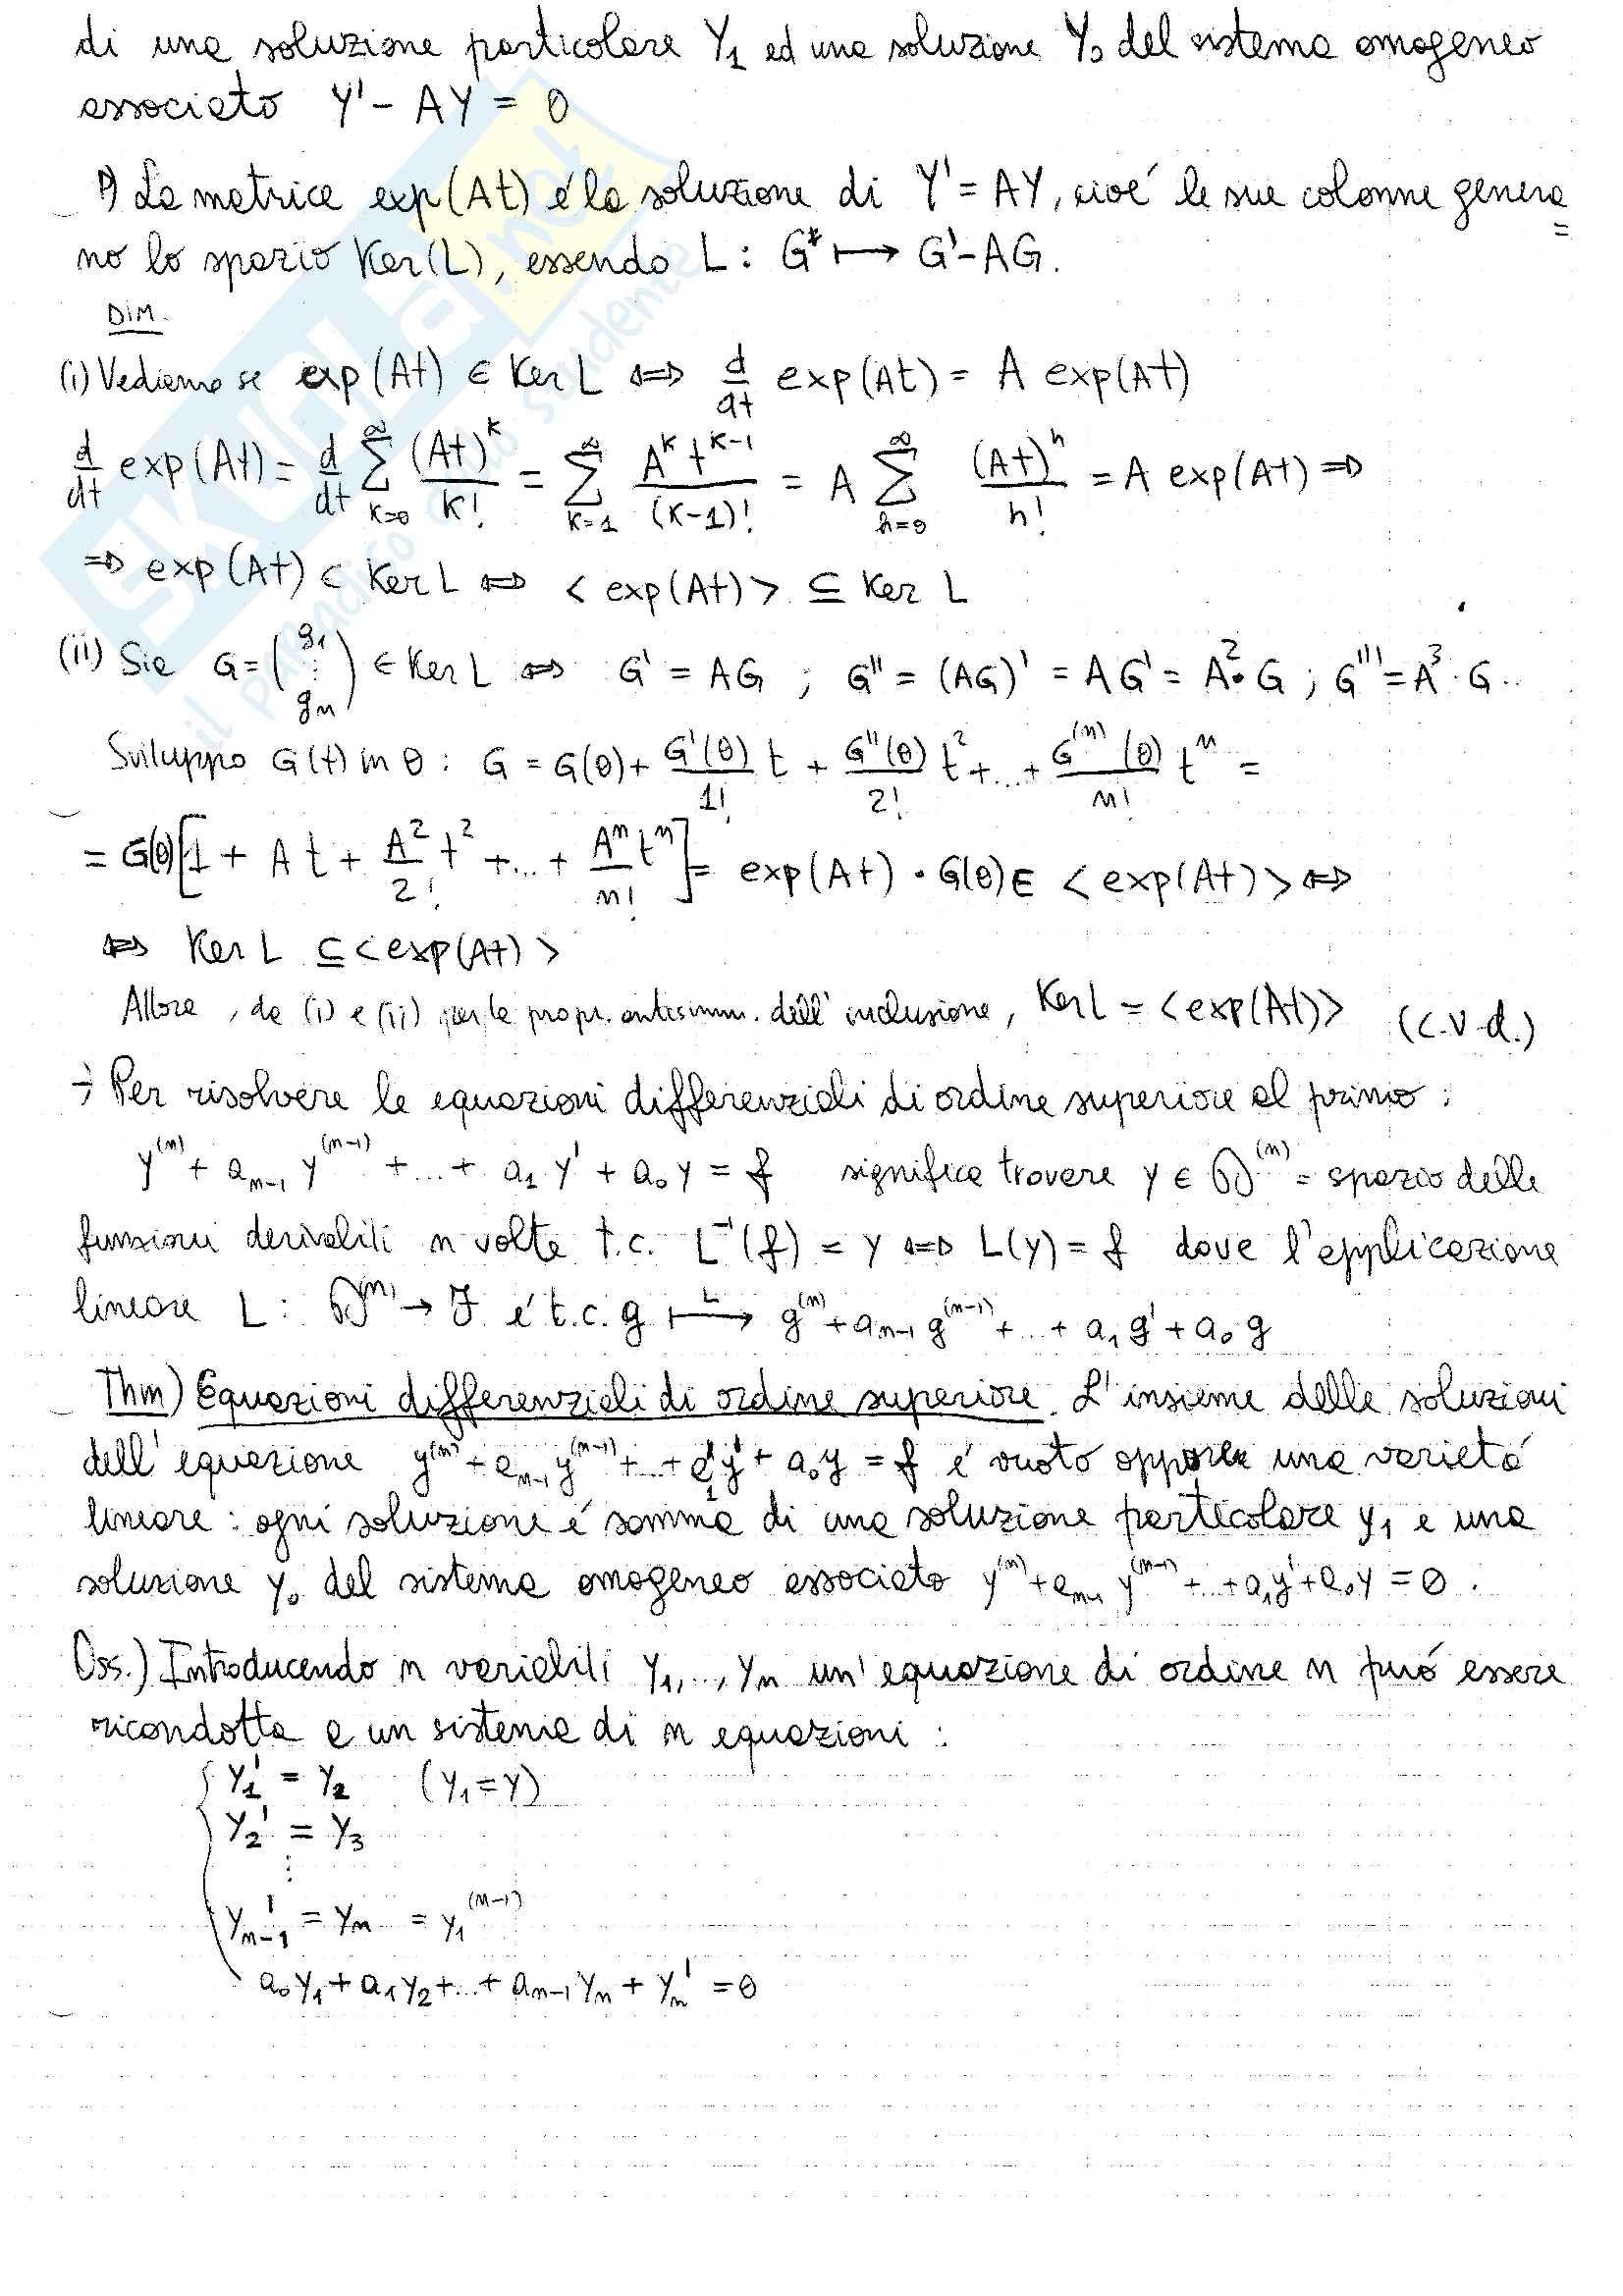 """Appunti di """"Fondamenti di algebra lineare e geometria"""" Pag. 31"""